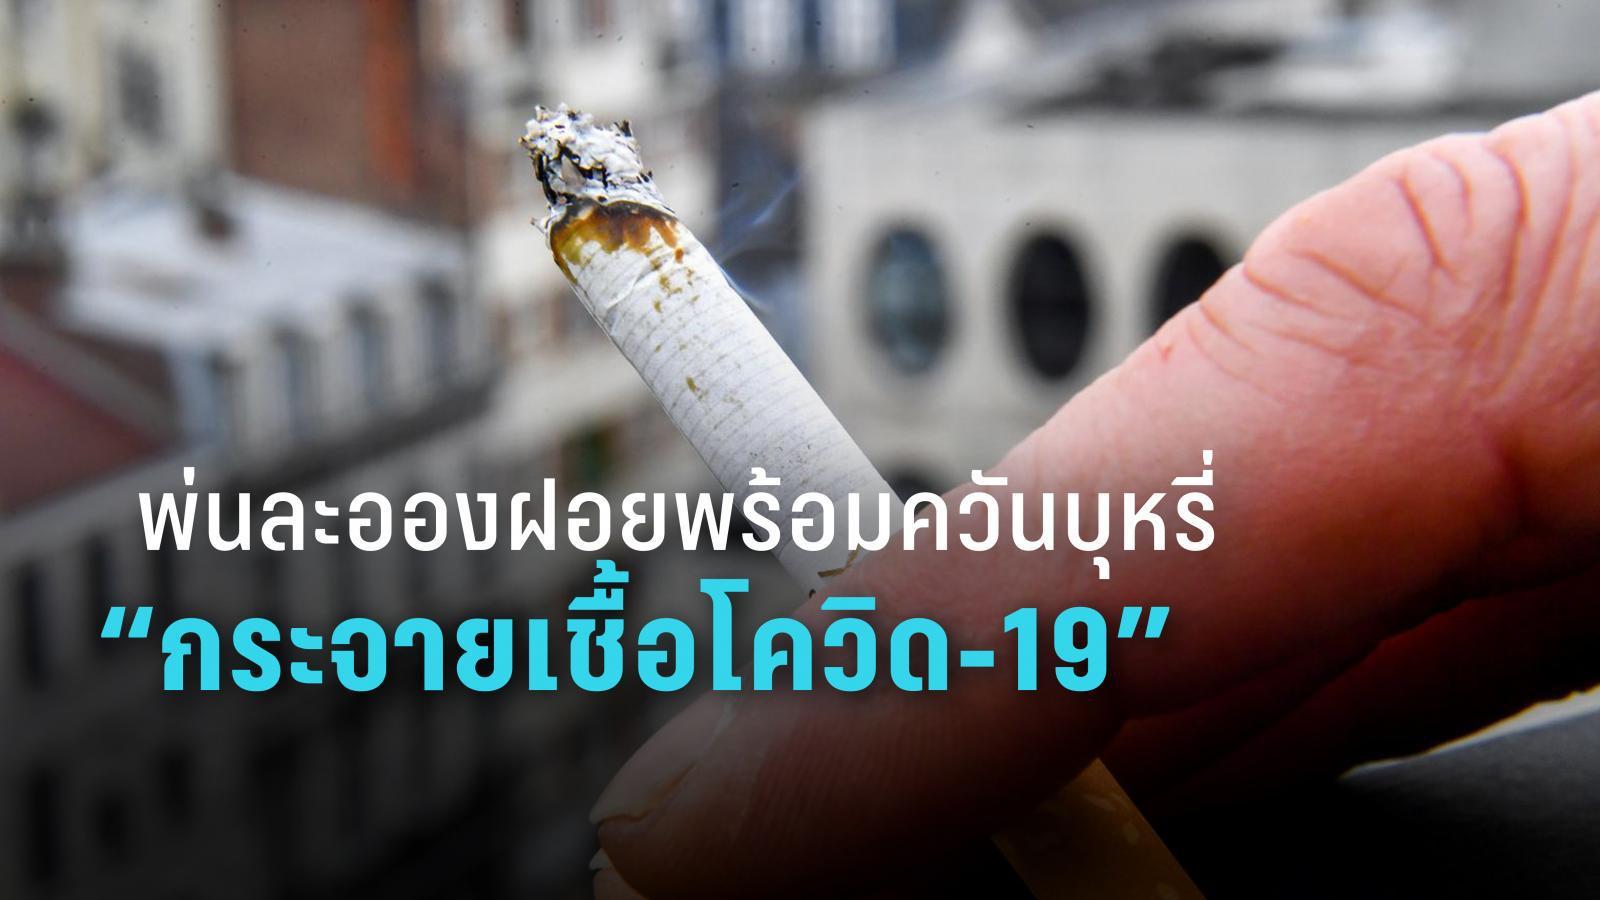 สาธารณสุขสเปน เตือน สูบบุหรี่-บุหรี่ไฟฟ้่าที่สาธารณะ เสี่ยงกระจายเชื้อ โควิด-19